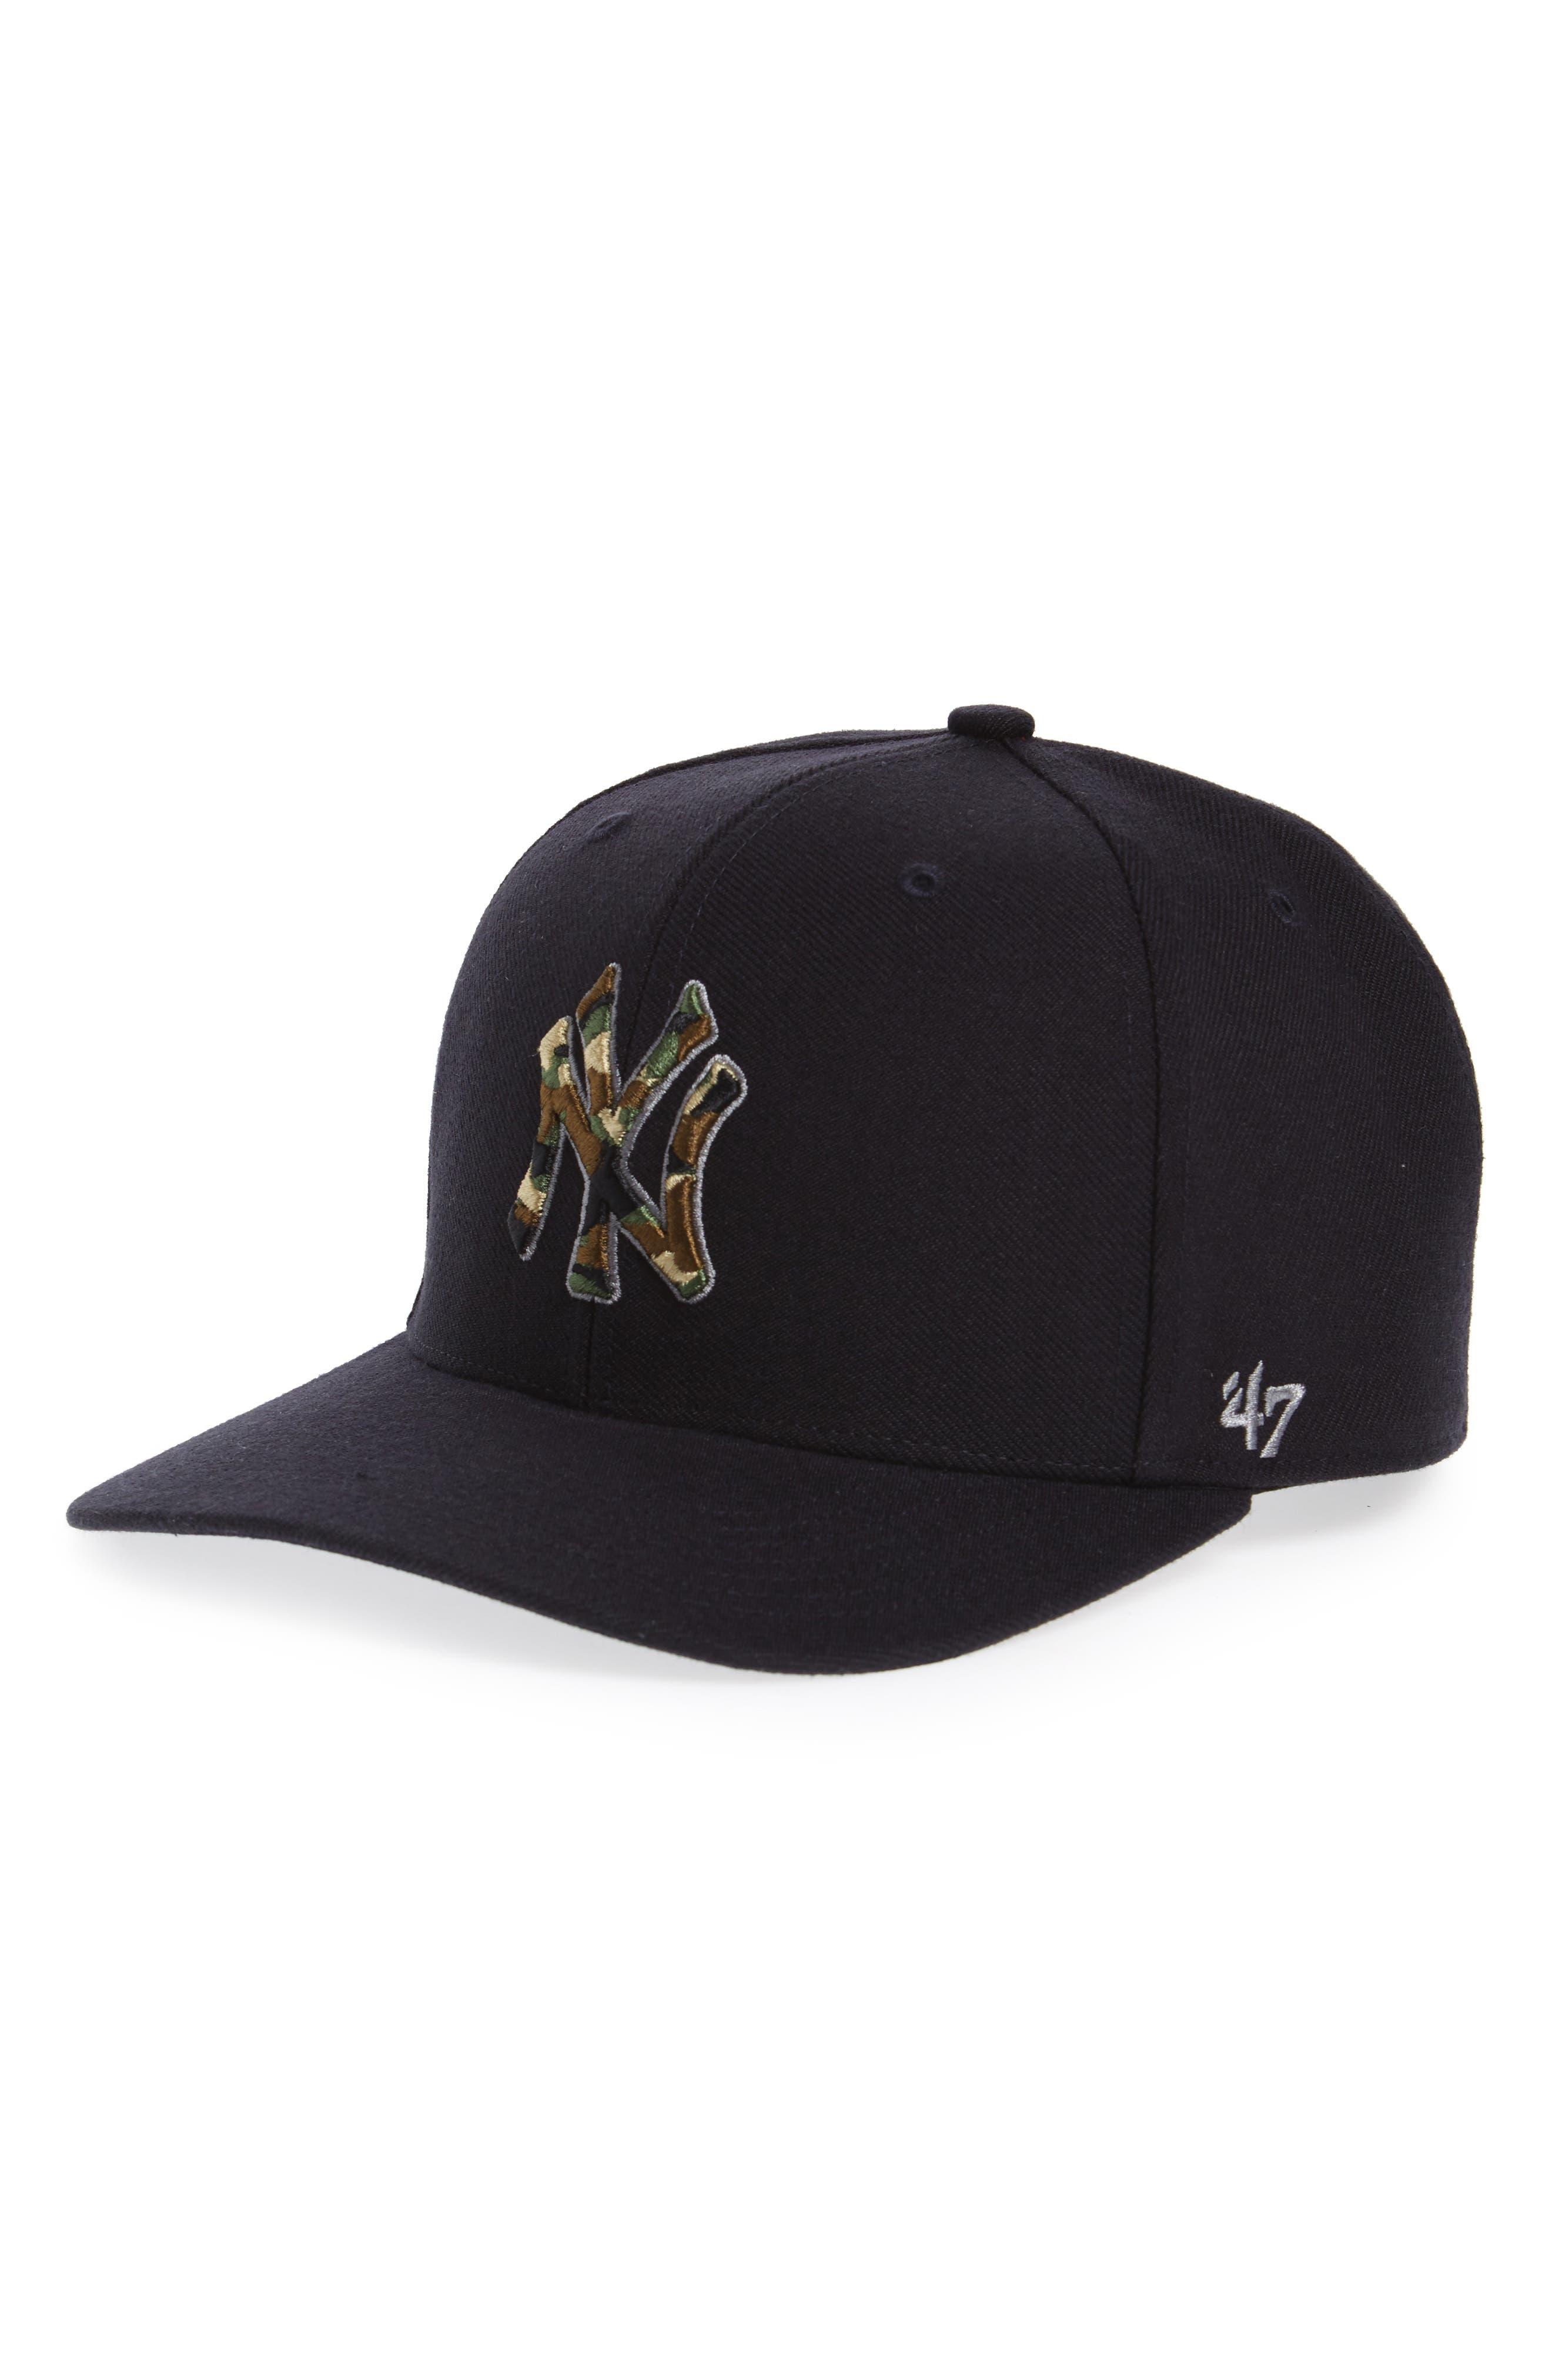 Main Image - '47 Camfill New York Yankees Baseball Cap